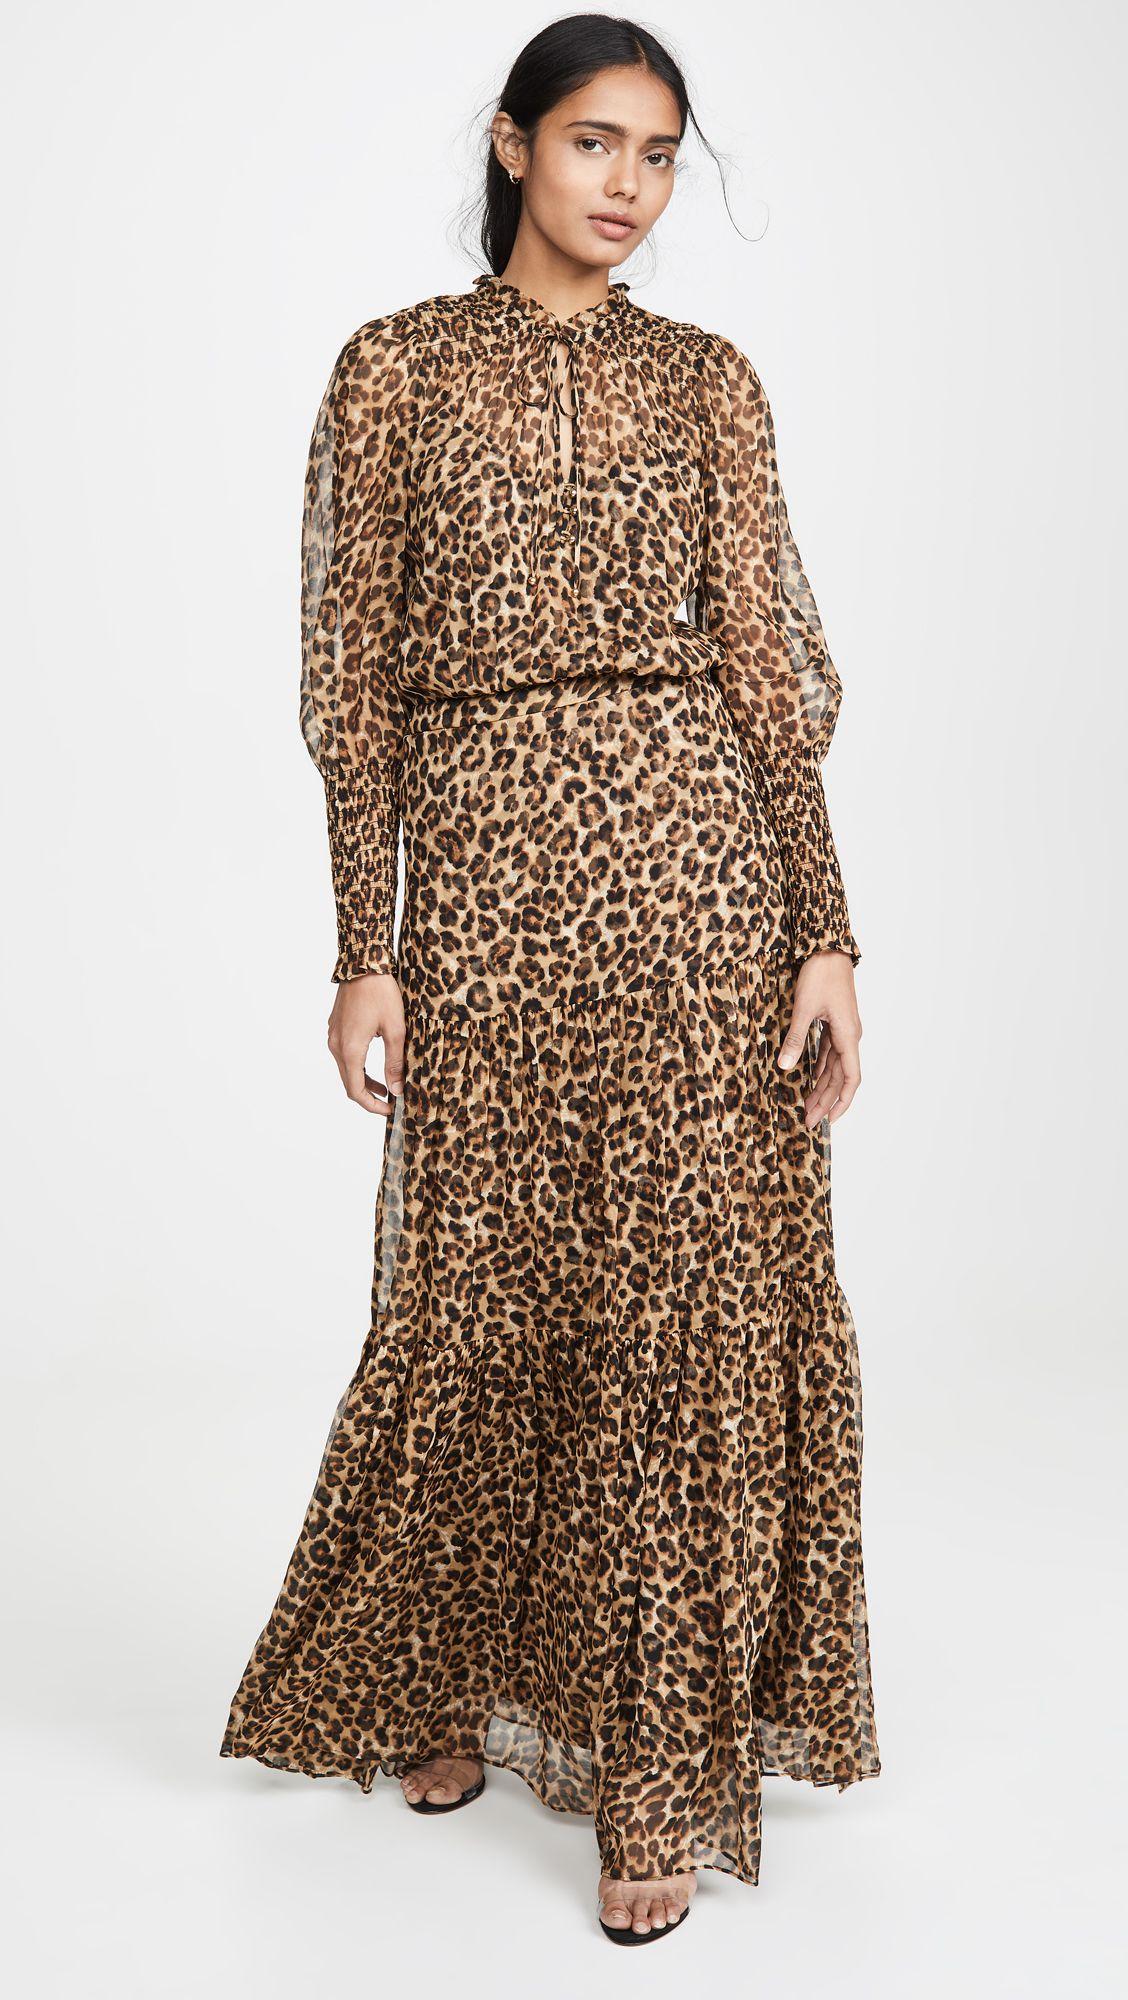 Leopard Print Ruffle Maxi Dress Dresses Ruffled Maxi Dress Skirt Fashion [ 2000 x 1128 Pixel ]